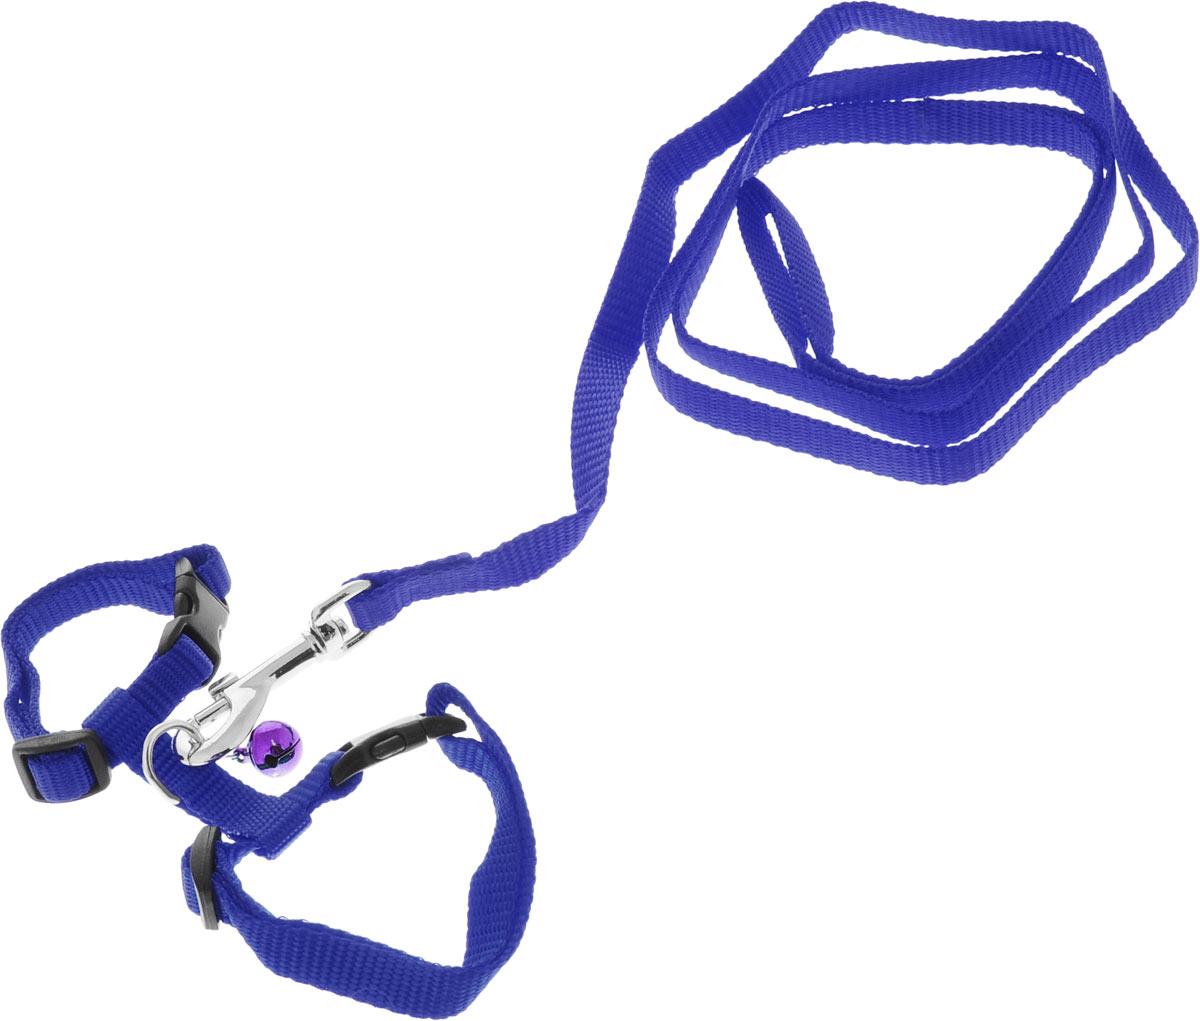 Шлейка для грызунов Каскад, с поводком, цвет: синий, ширина 10 мм, обхват груди 20-30 см28209Шлейка изготовлена из прочного нейлона и дополнена бубенчиком, подходит для домашних грызунов. Крепкие металлические элементы делают еенадежной и долговечной. Шлейка - это альтернатива ошейнику. Правильно подобранная шлейка не стесняет движения питомца, не натирает кожу, поэтому животное чувствует себя в ней уверенно и комфортно. Размер регулируется при помощи пряжки.В комплекте поводок с металлическим карабином.Обхват груди: 20-30 см. Ширина шлейки: 1 см.Длина поводка: 108 см.